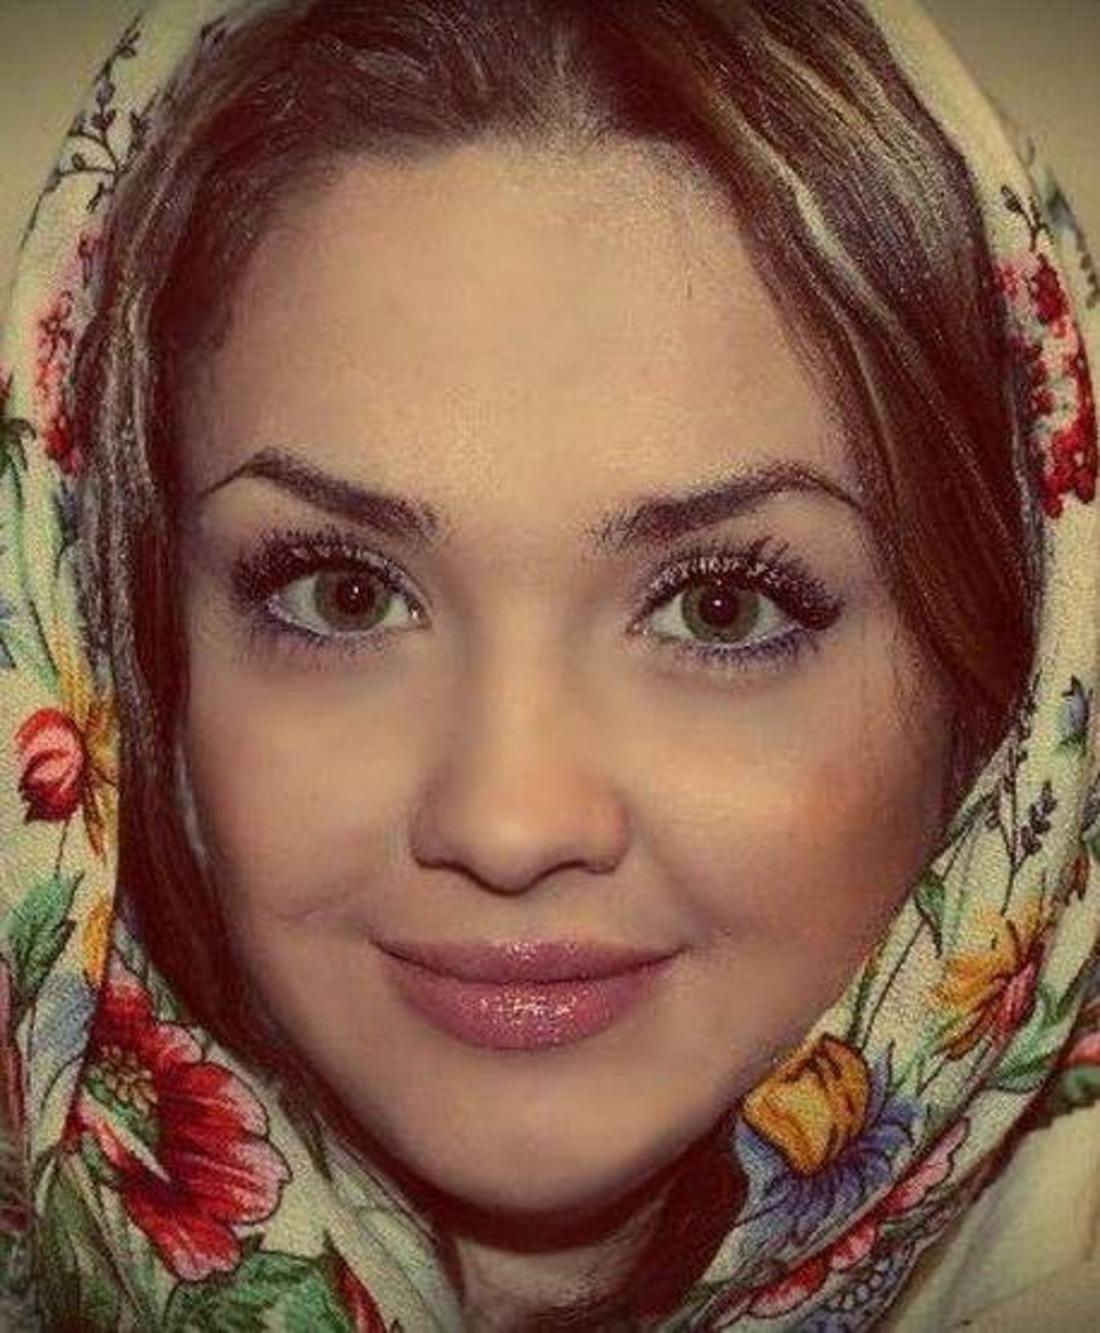 Смотреть женщин русских 11 фотография